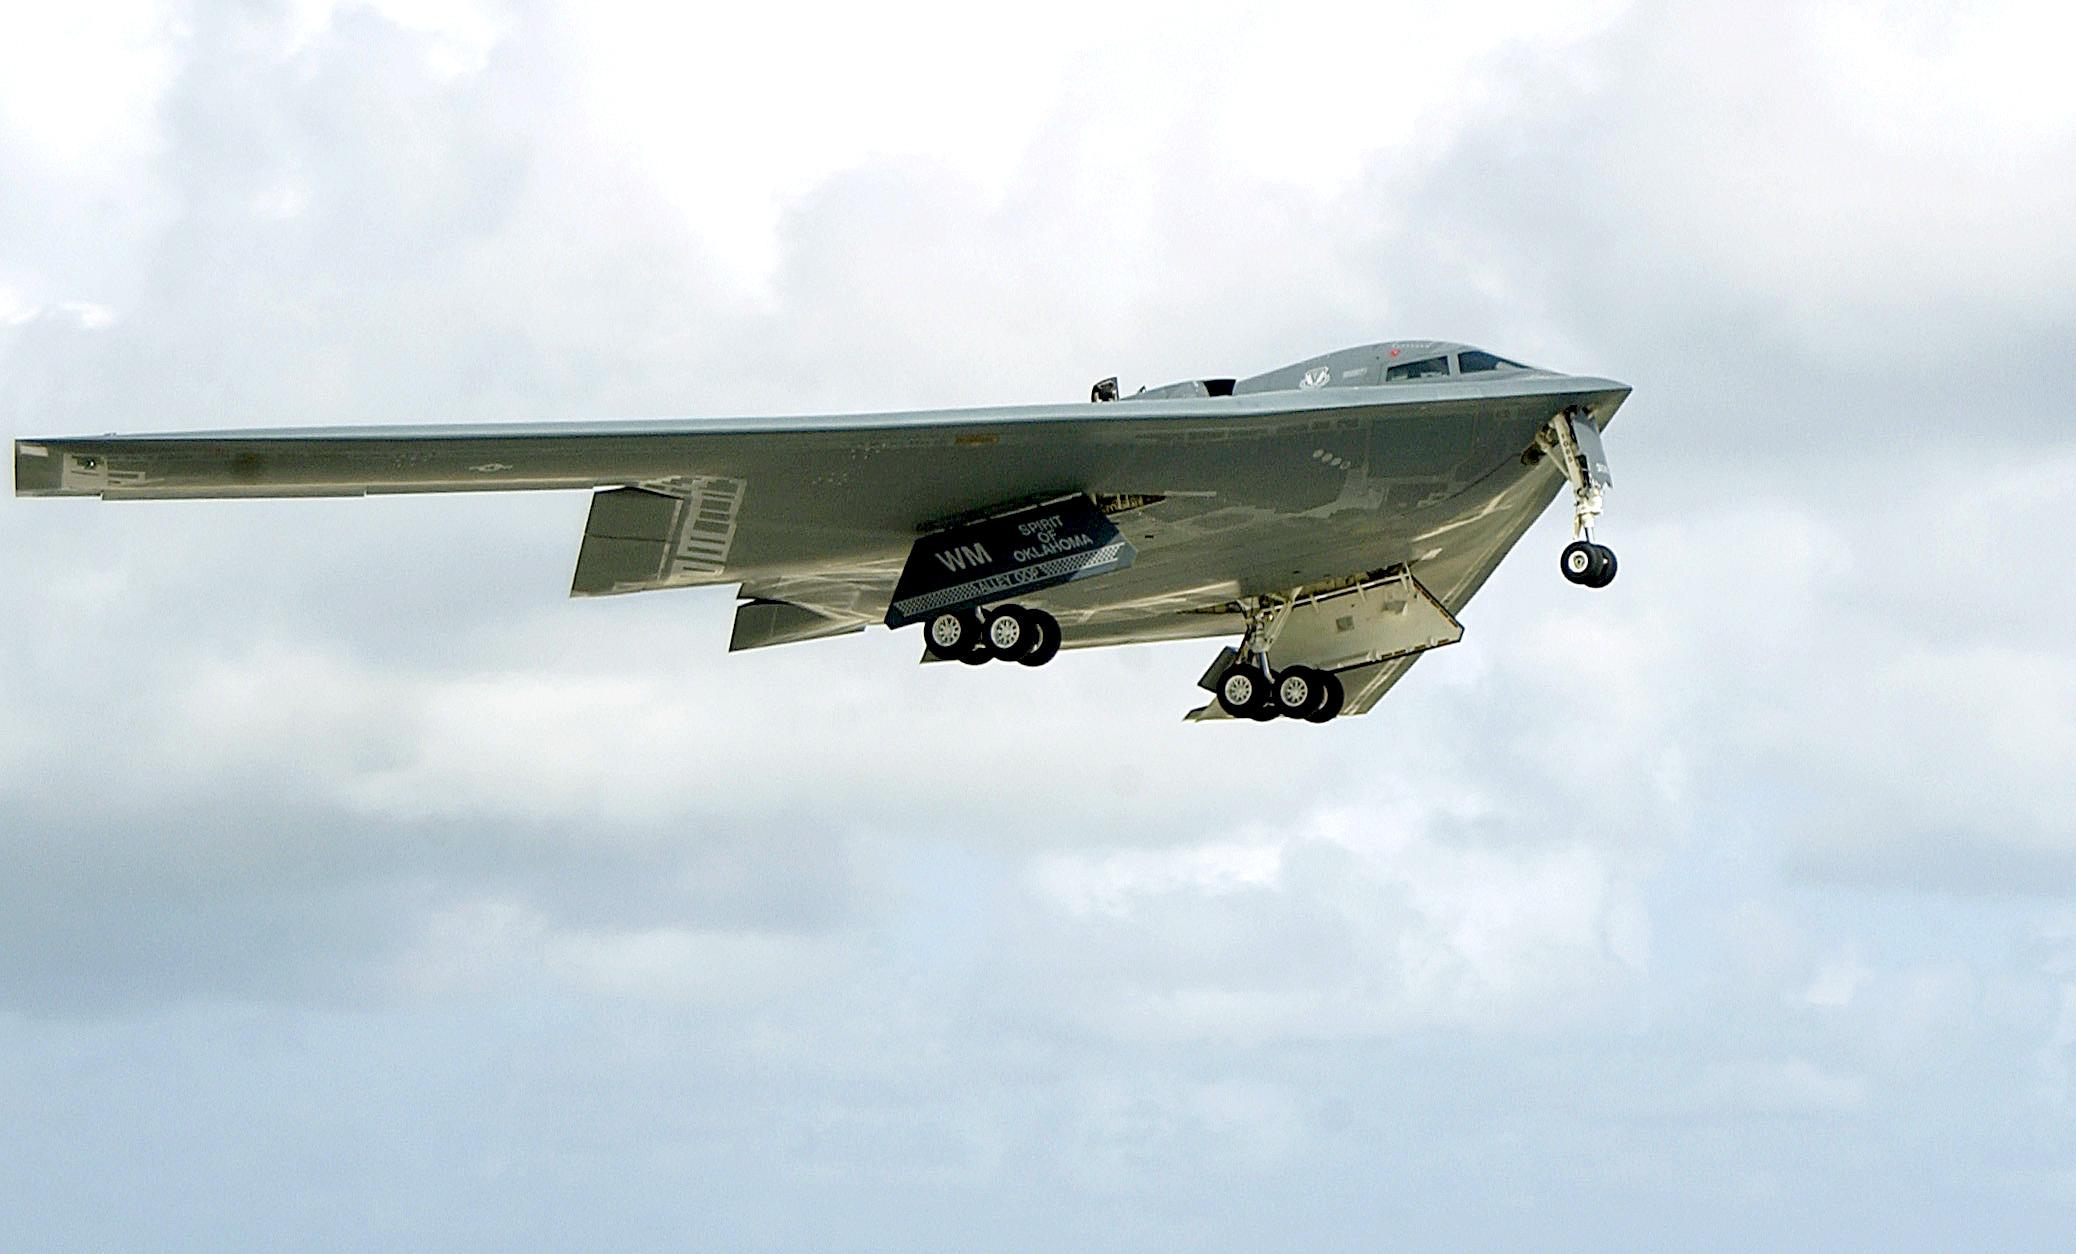 northrop grumman b 2 usaf strategic bomber. Black Bedroom Furniture Sets. Home Design Ideas